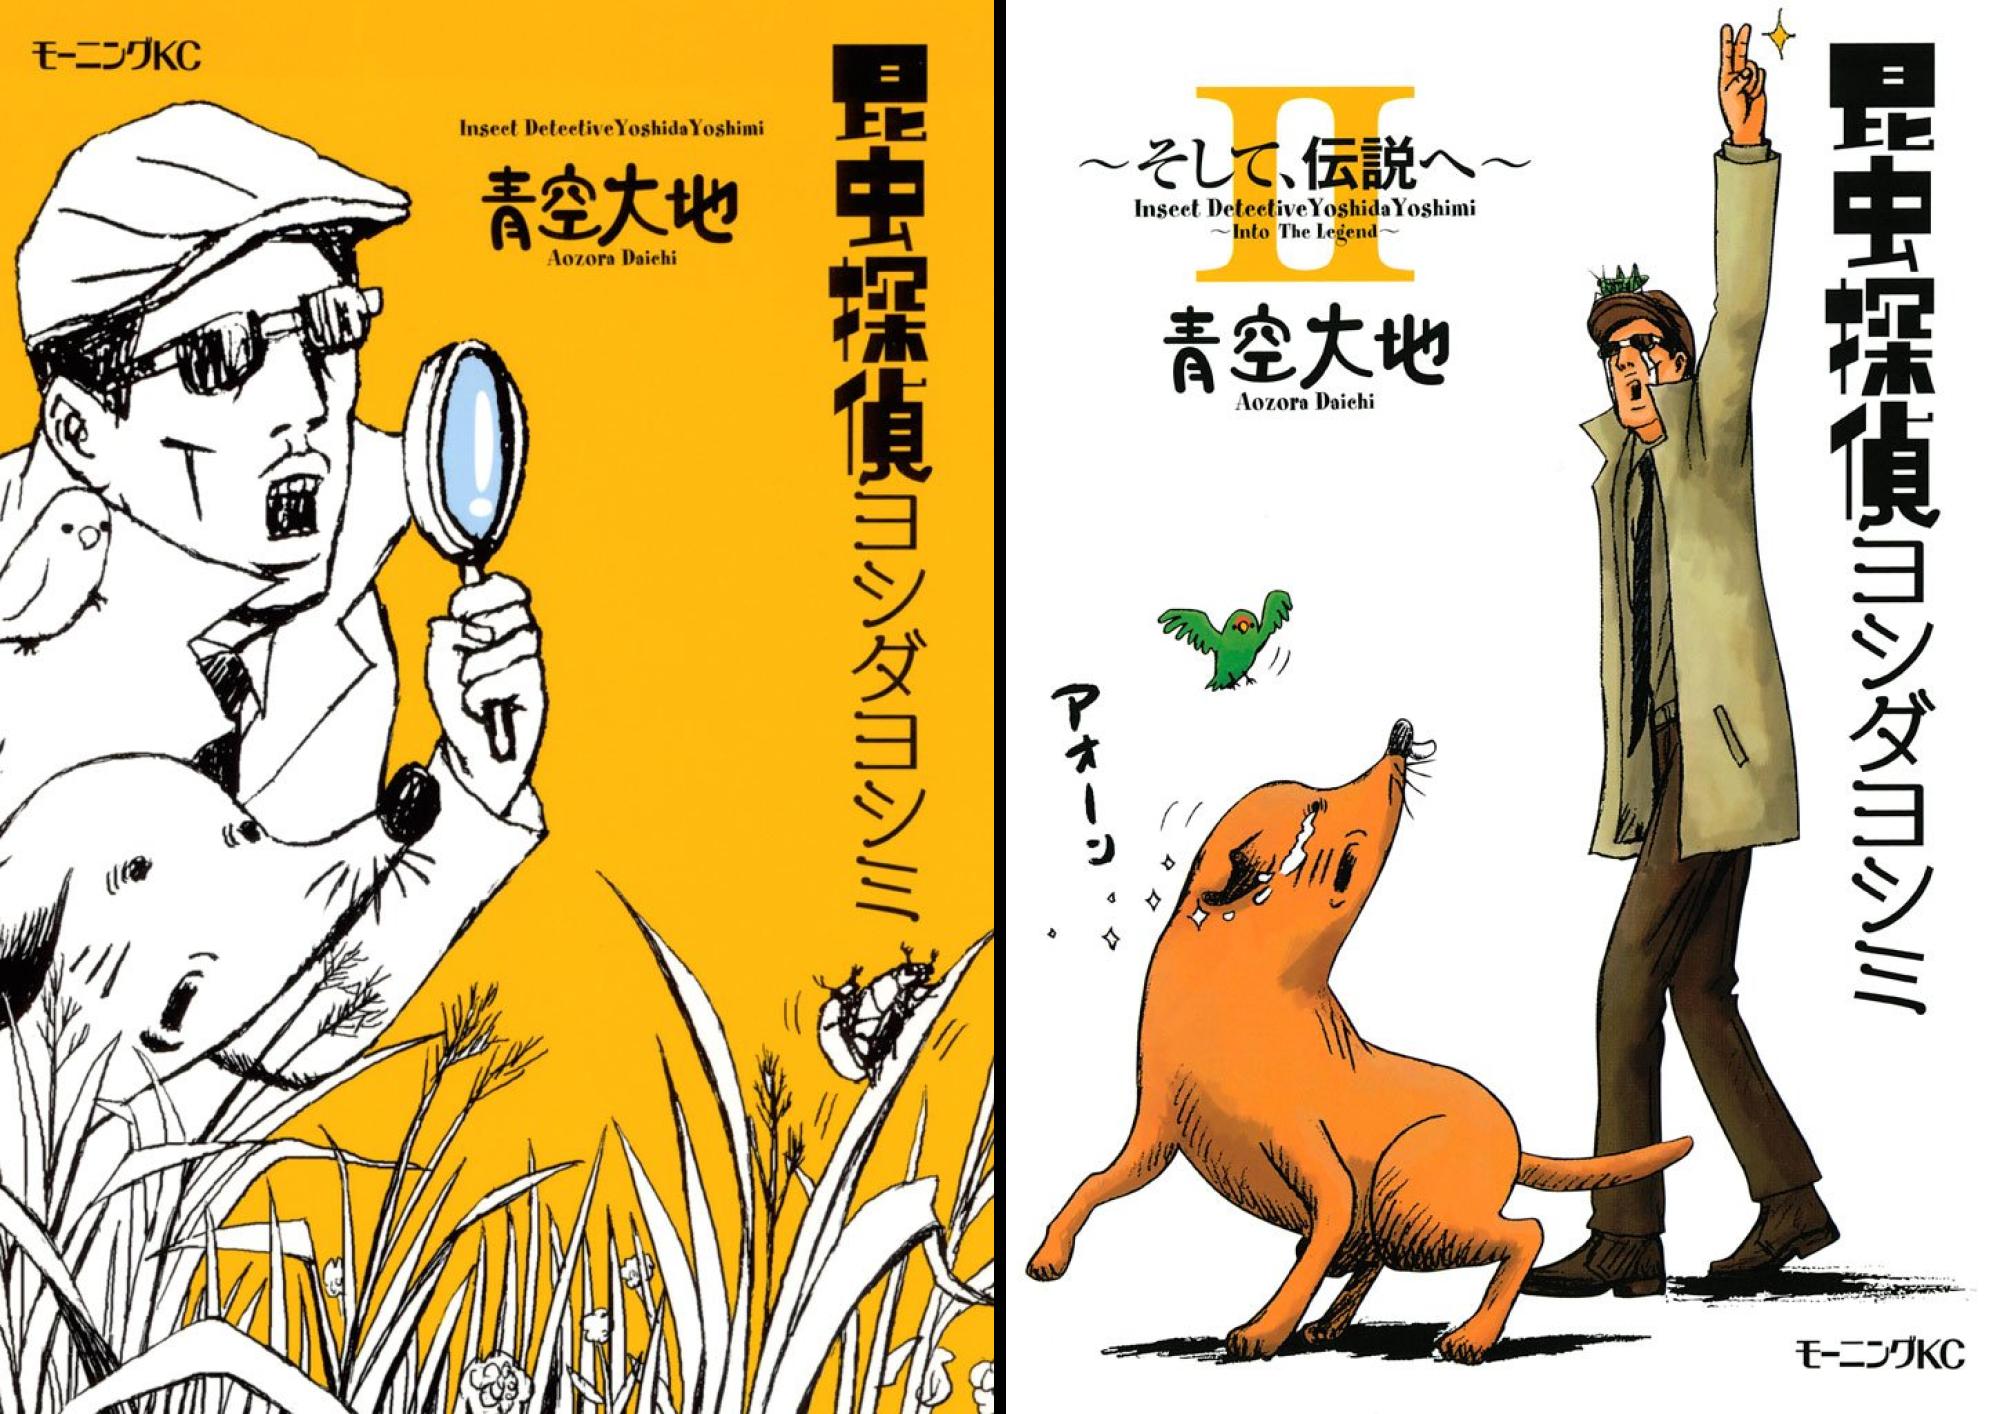 [まとめ買い] 昆虫探偵ヨシダヨシミ(モーニングコミックス)の詳細を見る